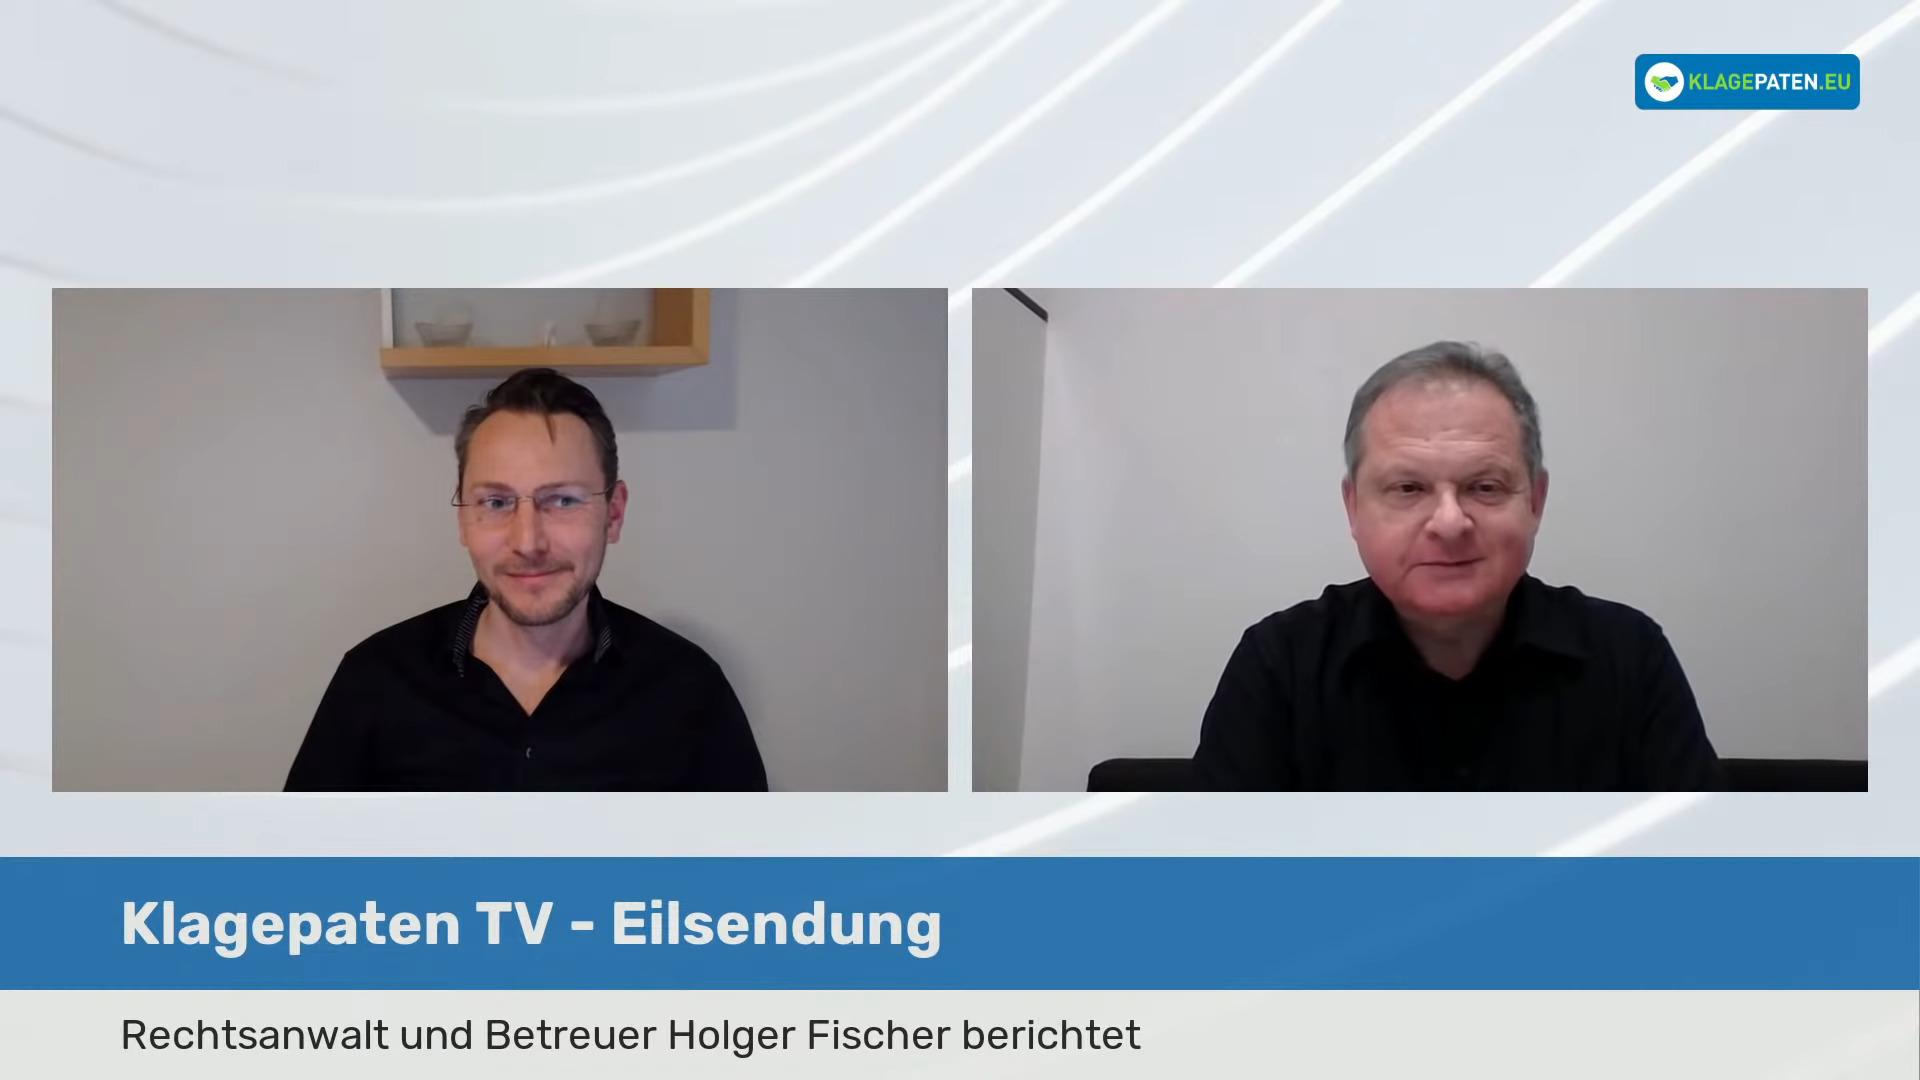 Klagepaten TV – Eilsendung LIVE! Werden Bewohner von Alten- und Pflegeheimen überrumpelt?